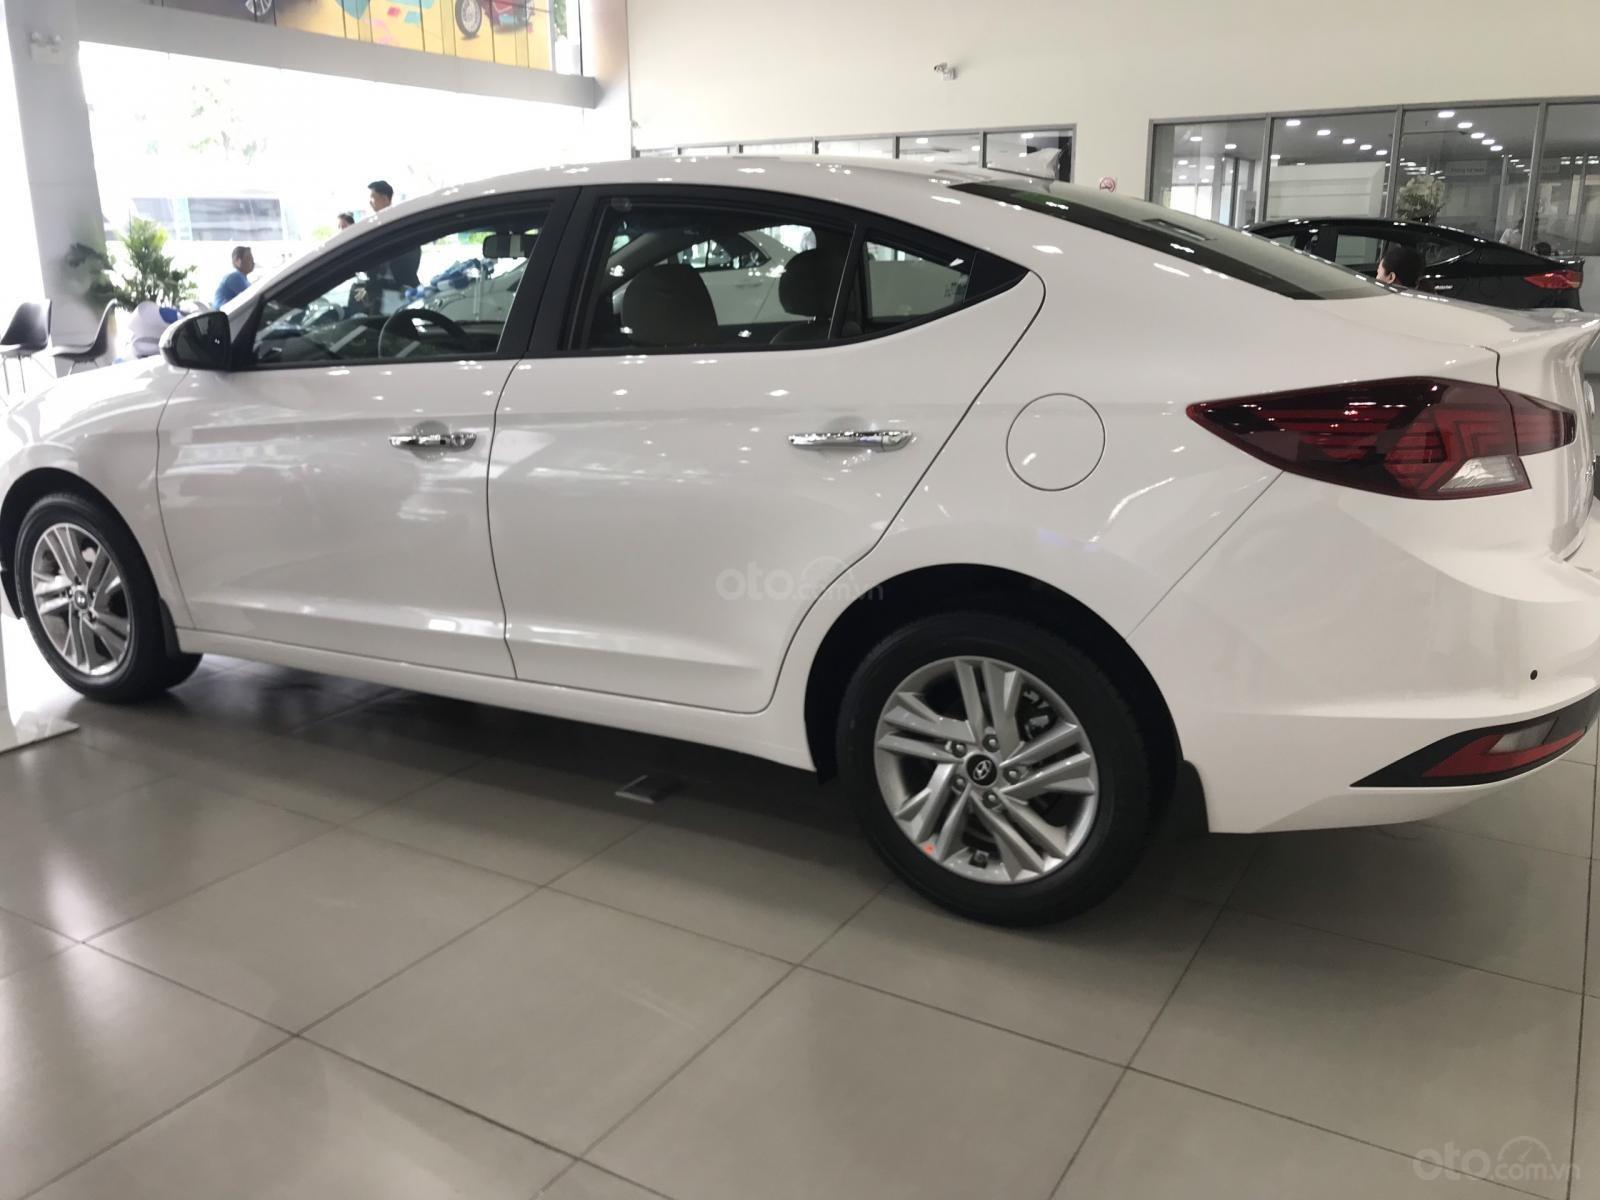 Bán Hyundai Elantra 2.0 AT Facelift giao ngay, hỗ trợ vay trả góp LS ưu đãi - LH: 0977 139 312 (2)